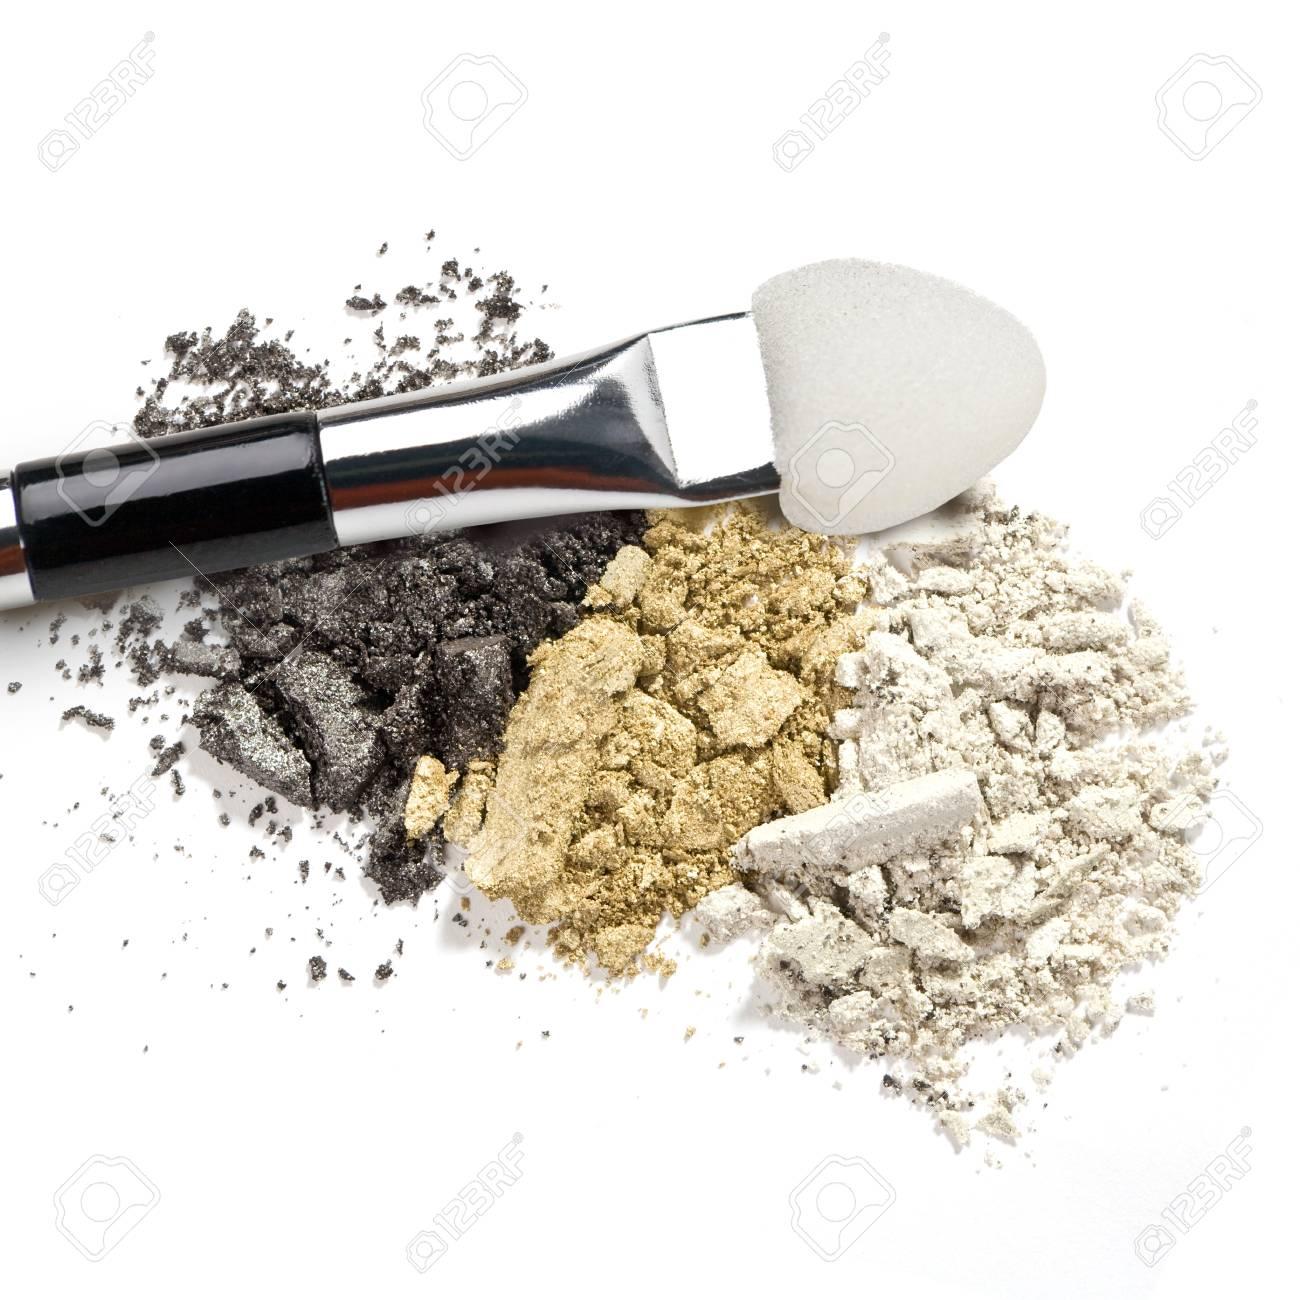 Make-up brush with colorful crushed eyeshadows Stock Photo - 19491478